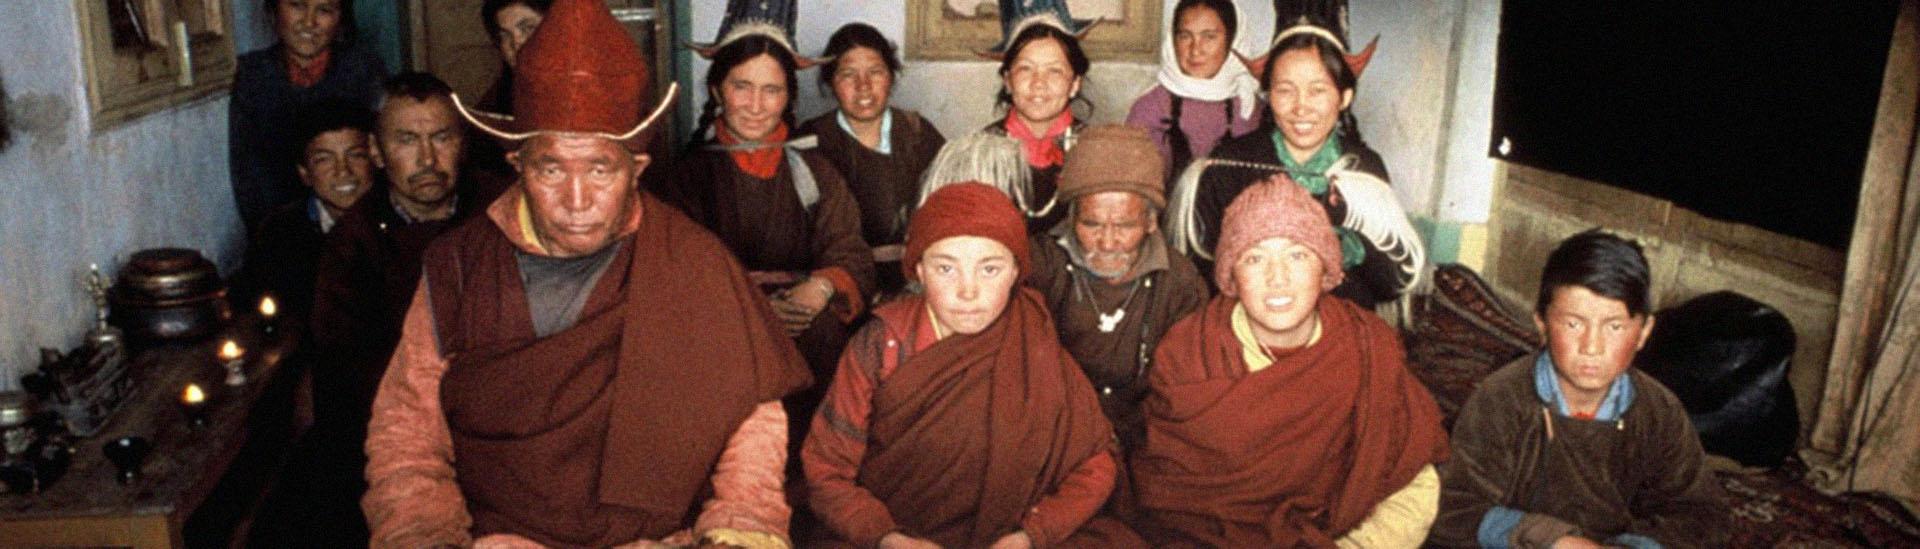 Baner filmu 'Tybetańska Księga Umarłych'